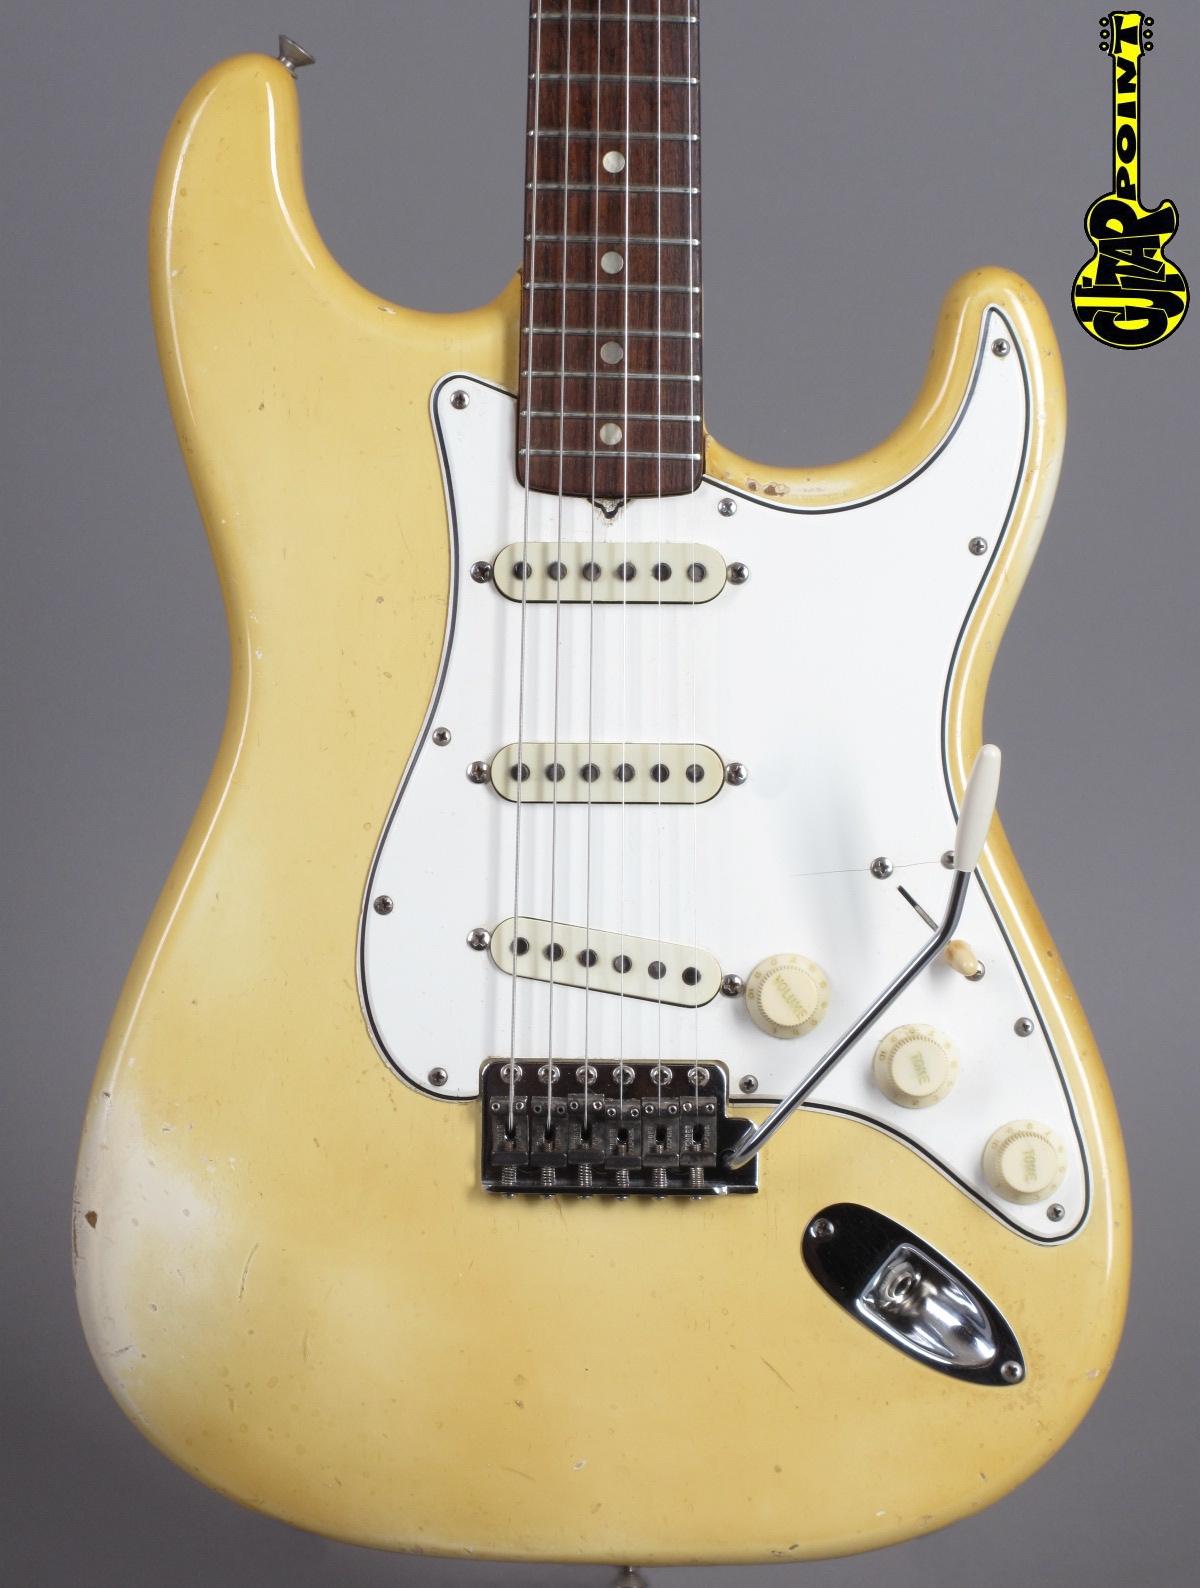 1965 Fender Stratocaster - Olympic White